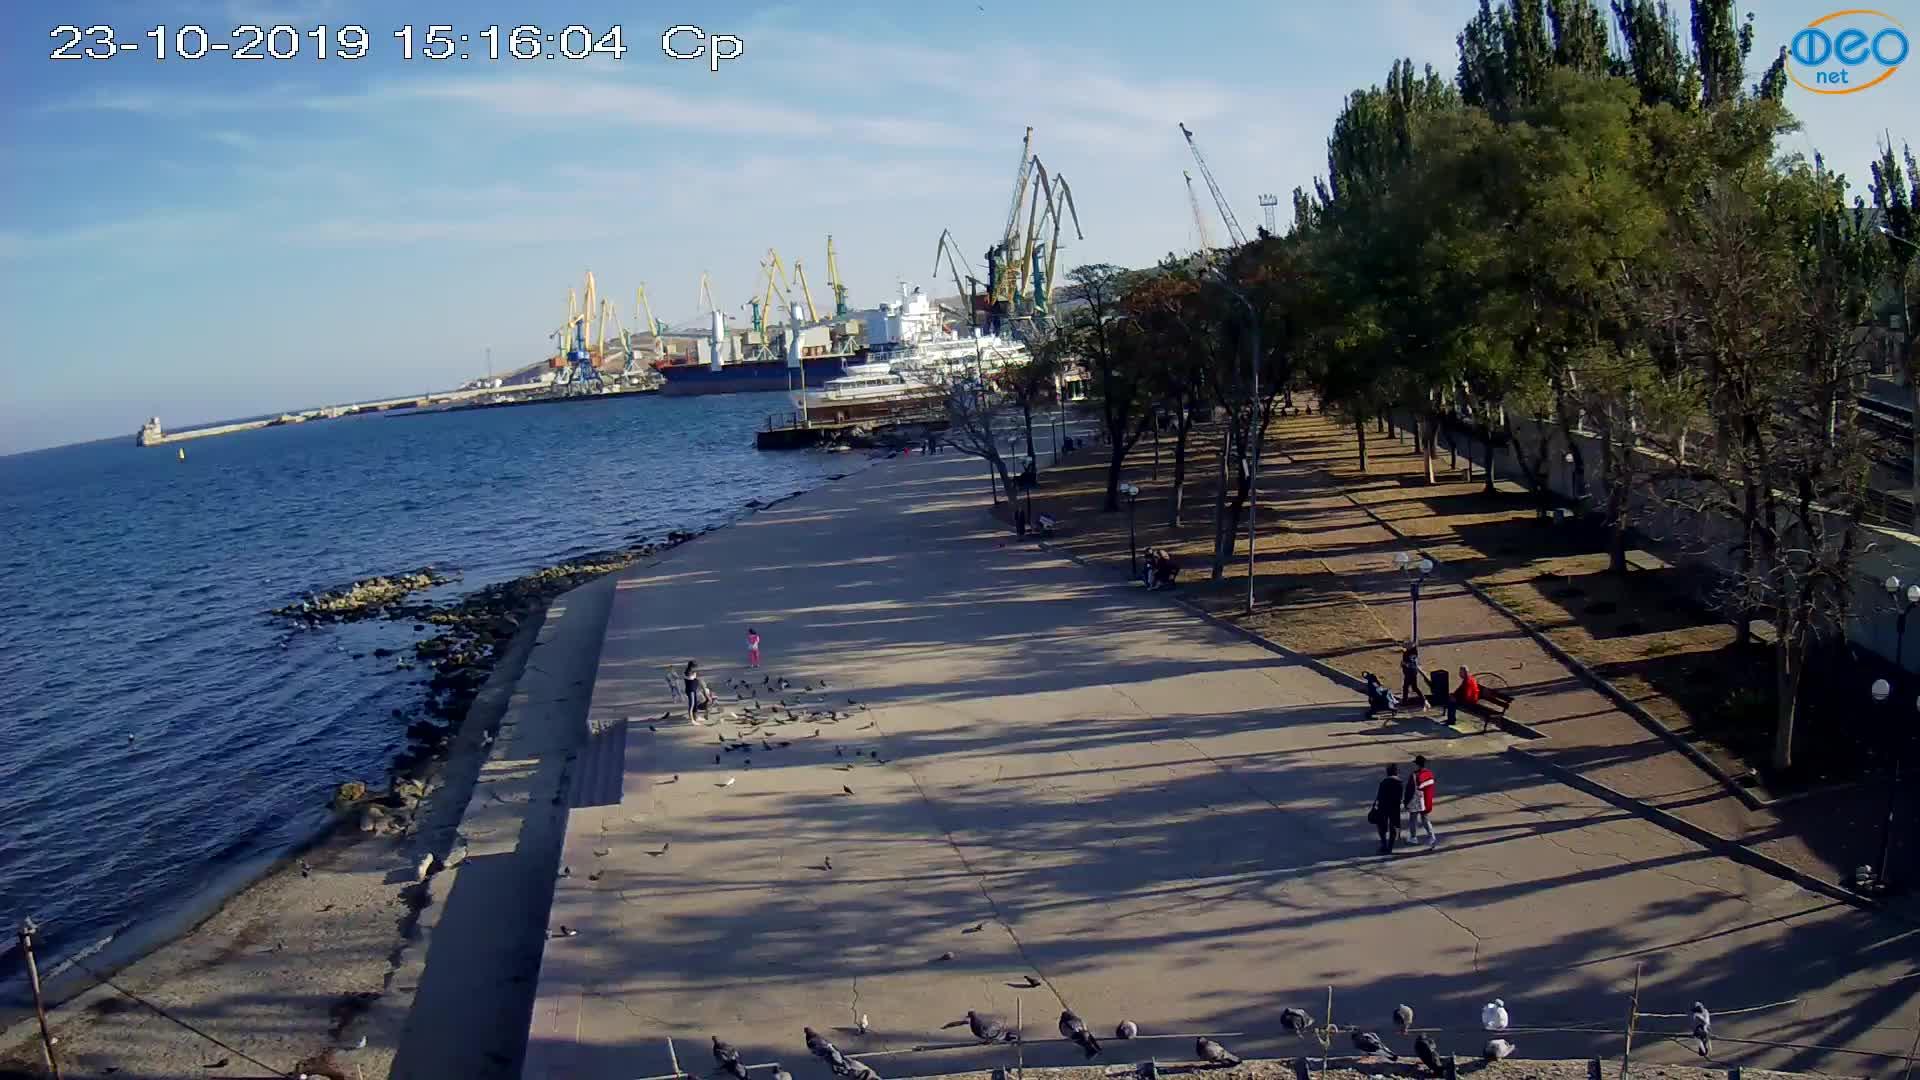 Веб-камеры Феодосии, Набережная Десантников, 2019-10-23 15:16:15